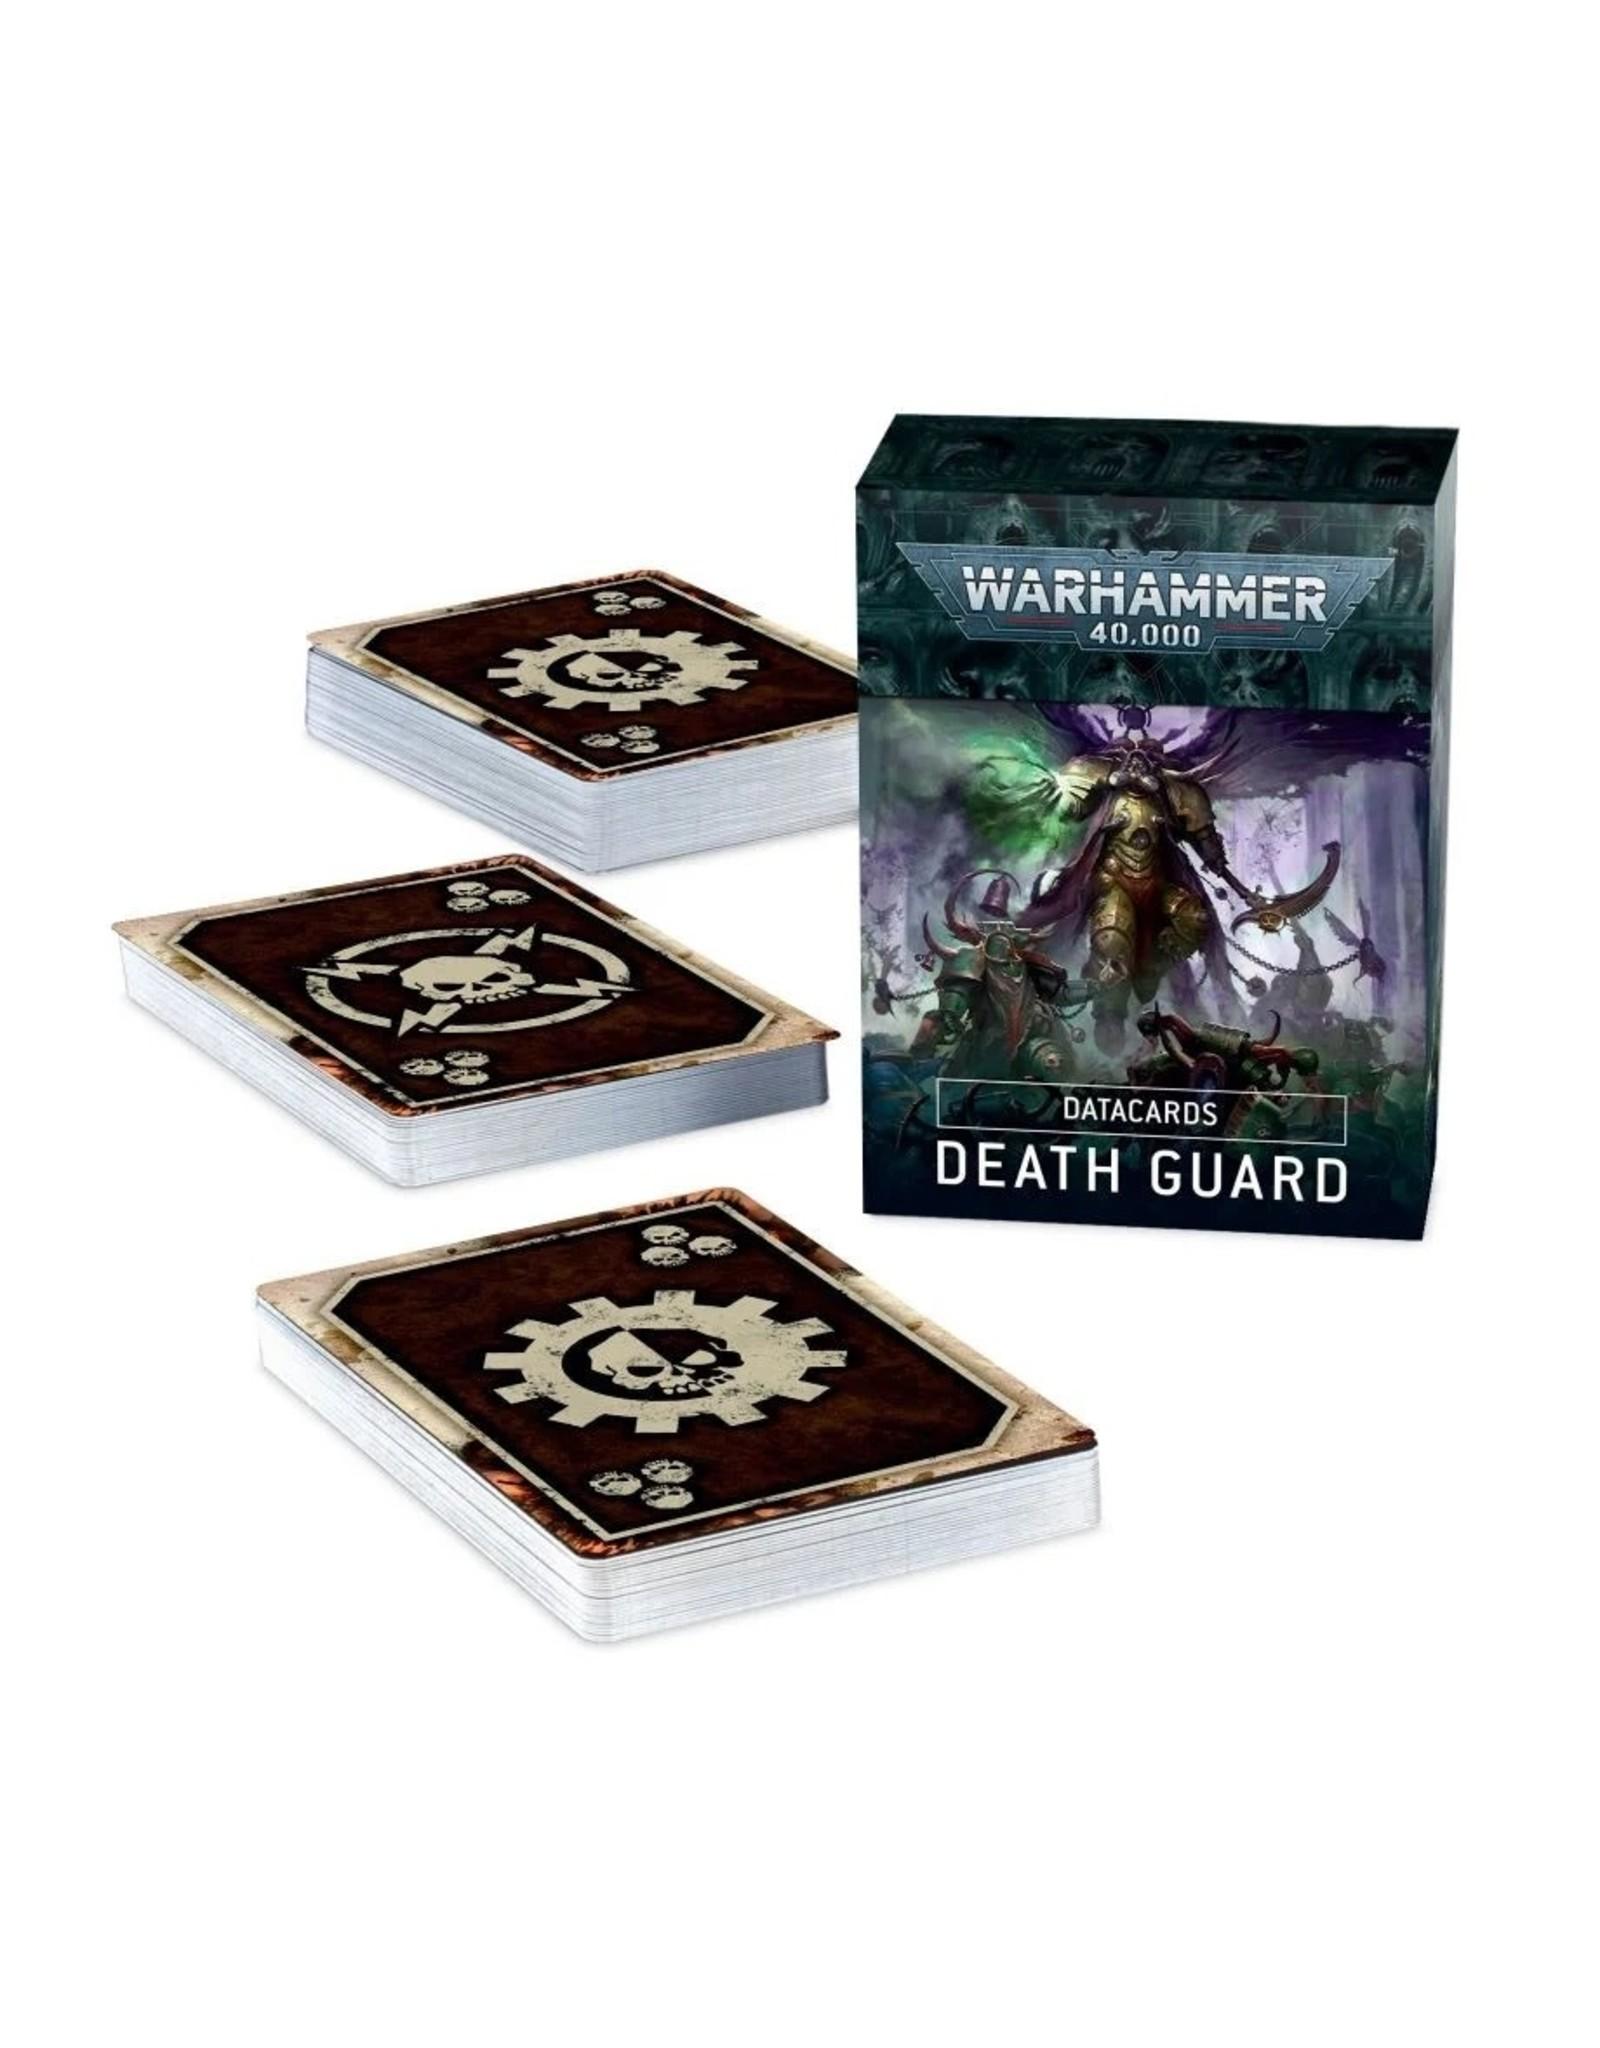 Warhammer 40K WH40K Death Guard Data Cards